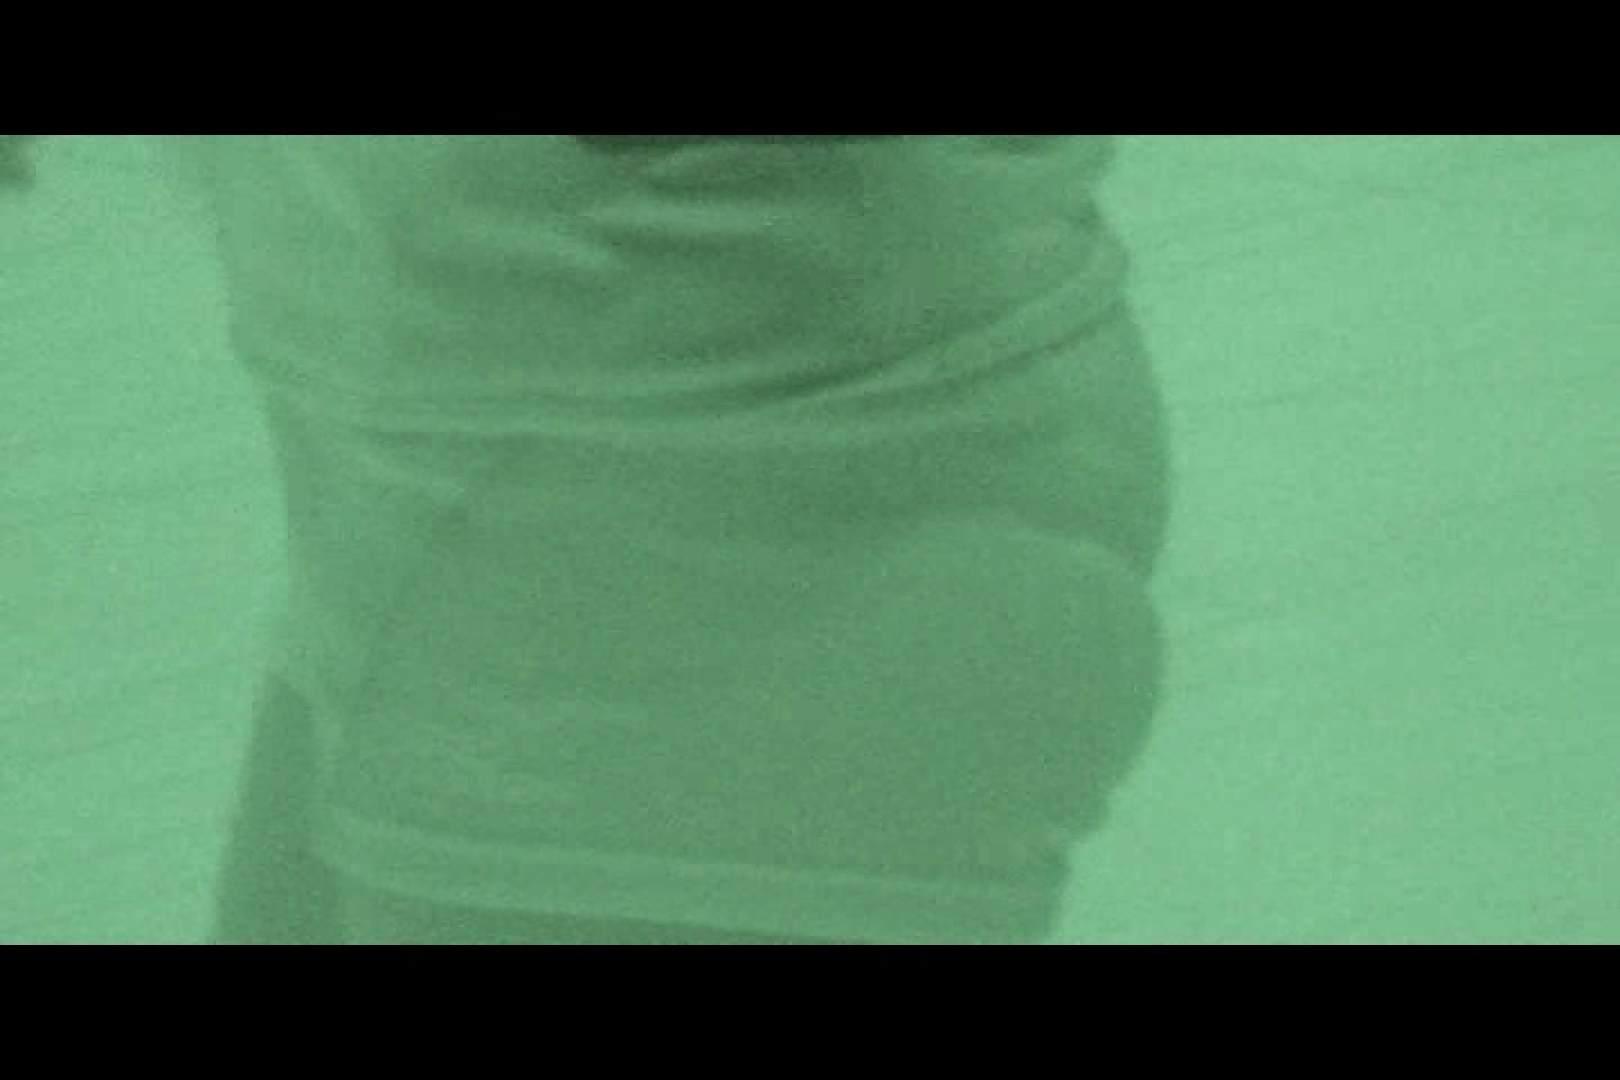 赤外線ムレスケバレー(汗) vol.20 赤外線 隠し撮りすけべAV動画紹介 70連発 39